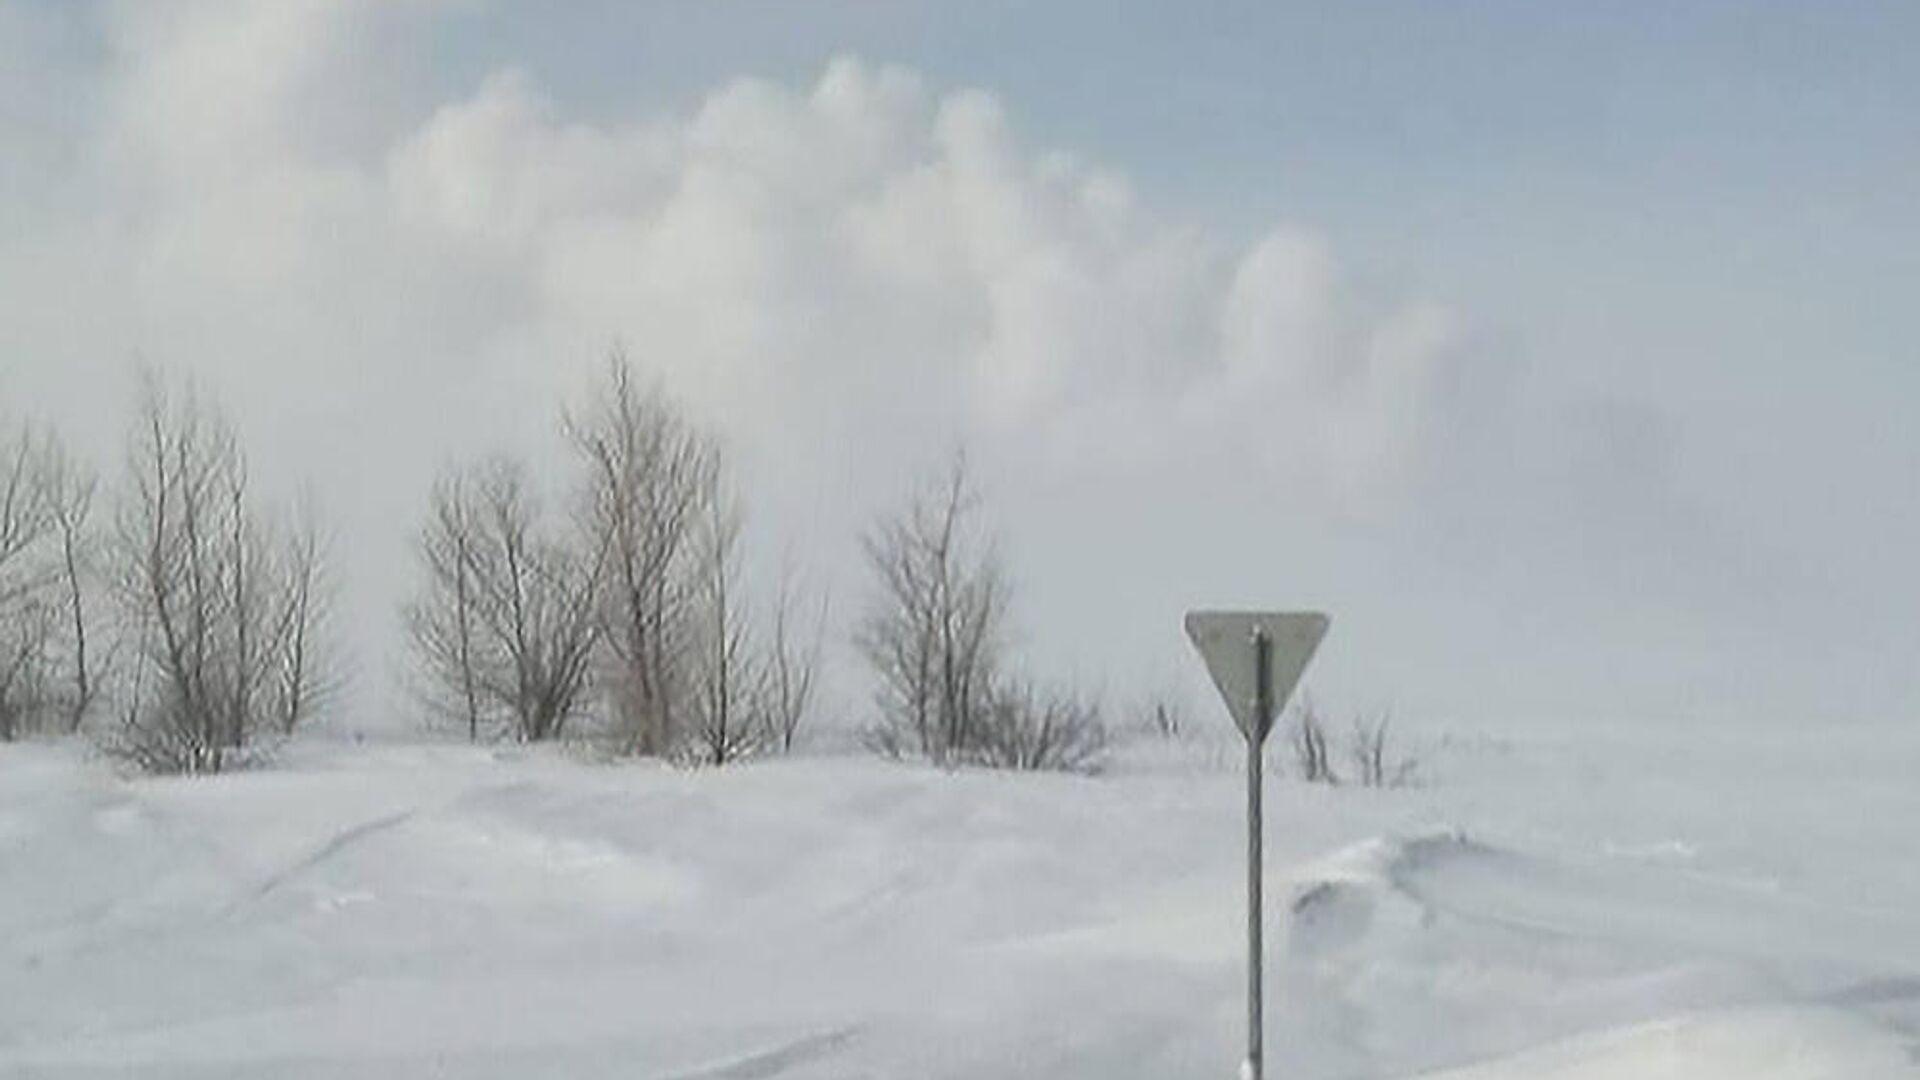 Дым от взрыва магистрального газопровода в Илекском районе Оренбургской области - РИА Новости, 1920, 23.02.2021